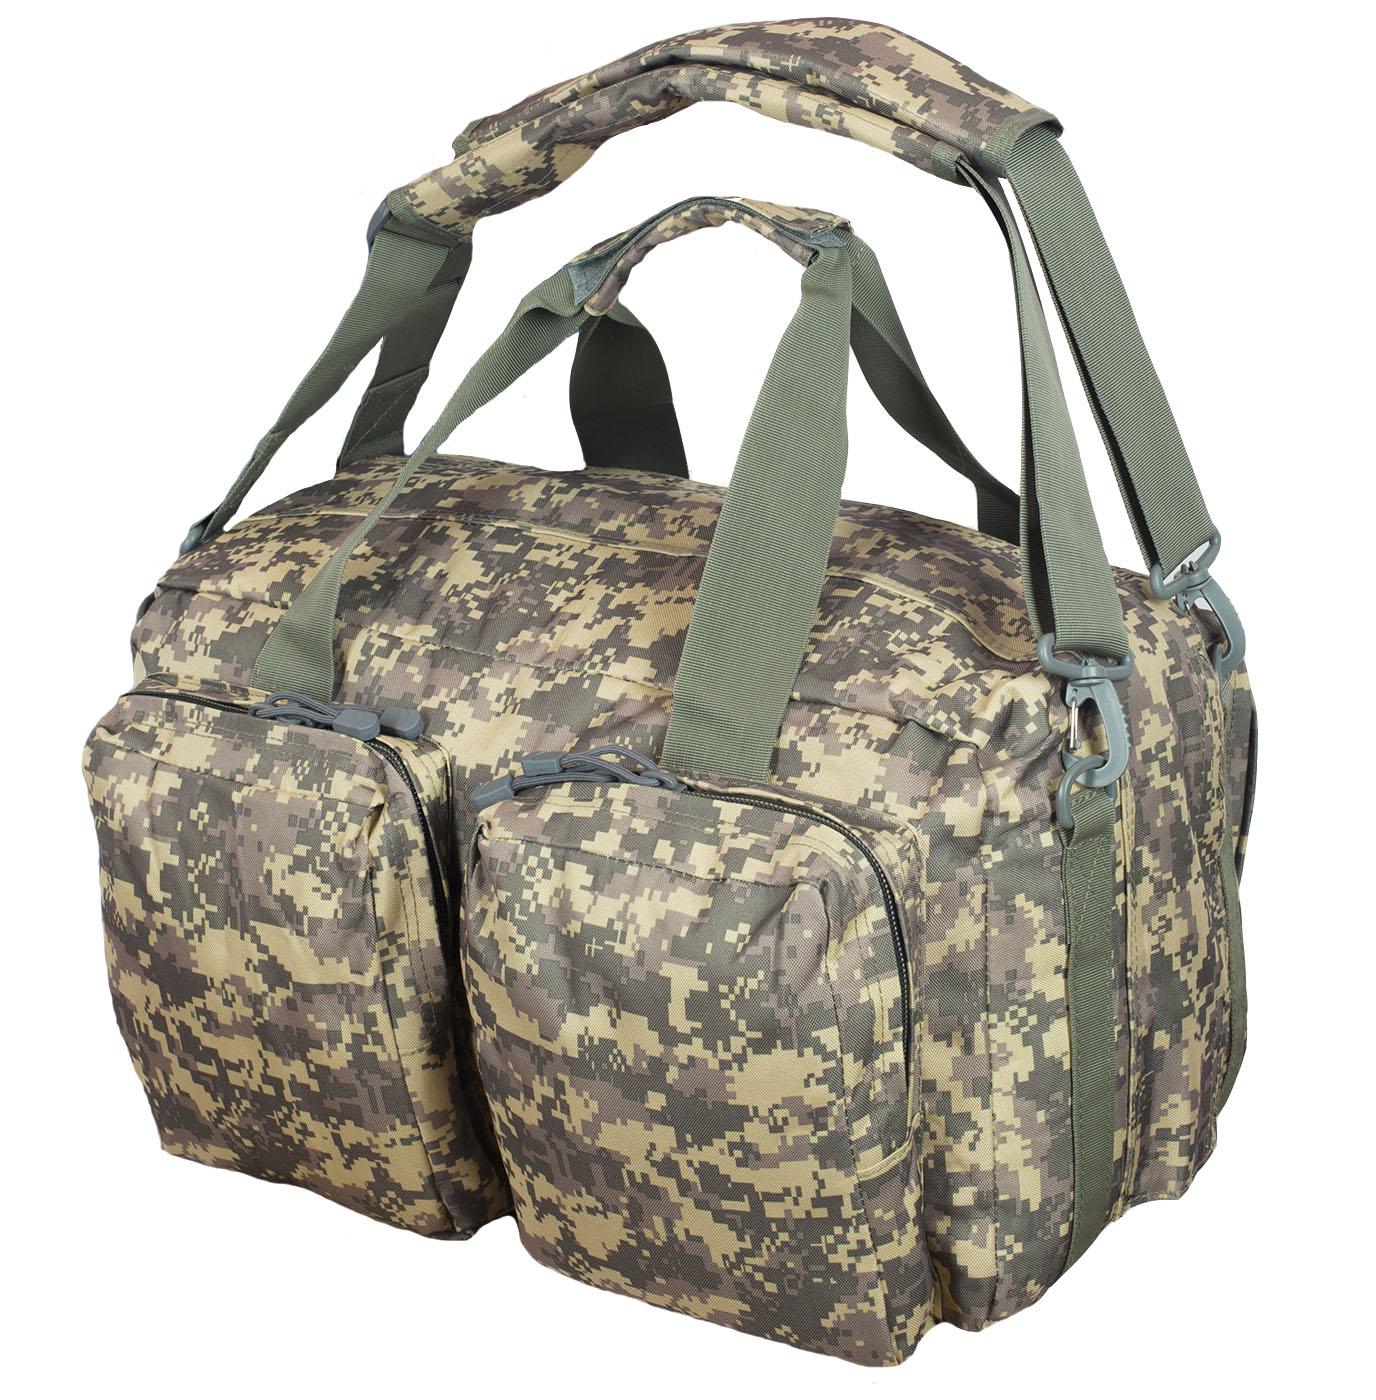 Купить камуфляжную складную сумку